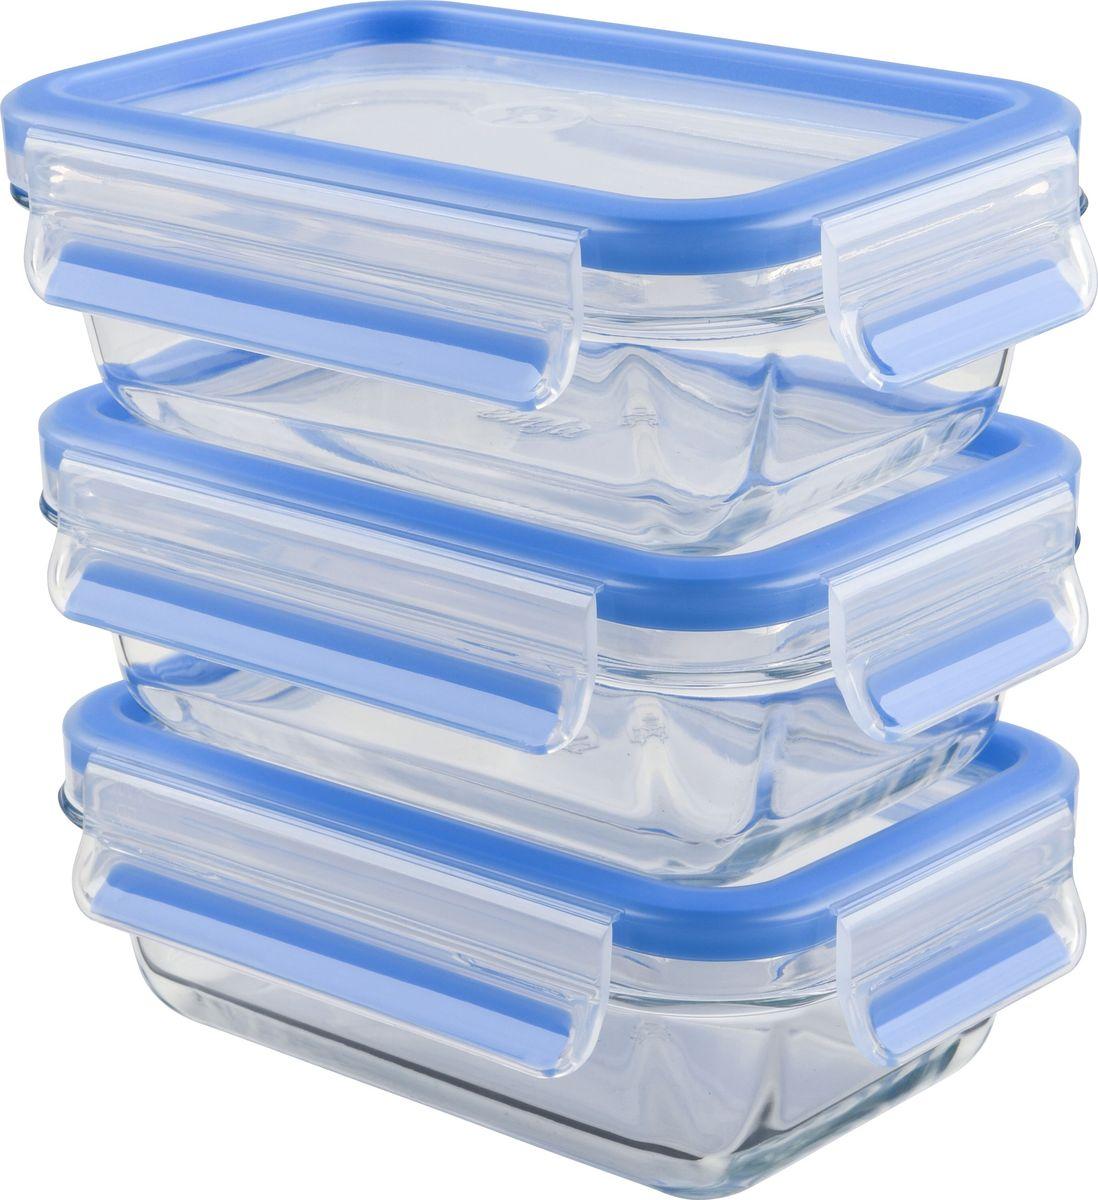 Набор контейнеров Emsa Clip&Close Glass, цвет: синий, прозрачный, 500 мл, 3 шт514170Набор контейнеров с крышками Emsa Clip&Close Glass для хранения продуктов изготовлен из закалённого и абсолютно прозрачного стекла. Не впитывает запахи и не изменяет цвет. Это абсолютно гигиеничный продукт, который подходит для хранения даже детского питания.Материал чаши диамантовое боросиликатное стекло, сделанное в Европе, дает возможность использовать контейнер для приготовления пищи в духовке с температурой до 400°C.Крышка изготовлена из высококачественного антибактериального пищевого пластика, имеющего сертификат BPA-free.- 100% герметичность - идеально не только для хранения, но и для транспортировки пищи. Герметичность достигается за счет специальных силиконовых уплотнителей в крышке, которые позволяют использовать контейнер для хранения не только пищи, но и жидкости. В таком контейнере продукты долгое время сохраняют свою свежесть - до 4-х раз дольше по сравнению с обычными, в том числе и вакуумными контейнерами. - 100% гигиеничность - уникальная технология применения медицинского силикона в уплотнителе крышки: никаких полостей - никаких микробов. Изделие снабжено крышкой, плотно закрывающейся на 4 защелки. - 100% удобство - прозрачные стенки позволяют просматривать содержимое, сохранение пространства за счёт лёгкой установки контейнеров друг на друга.Изделие подходит для домашнего использования, для пикников, поездок, отдыха на природе, его можно взять с собой на работу или учебу. Можно использовать в духовках, СВЧ-печах, холодильниках, посудомоечных машинах, морозильных камерах. Размеры контейнеров: 17,5 х 12 х 5,9 см.